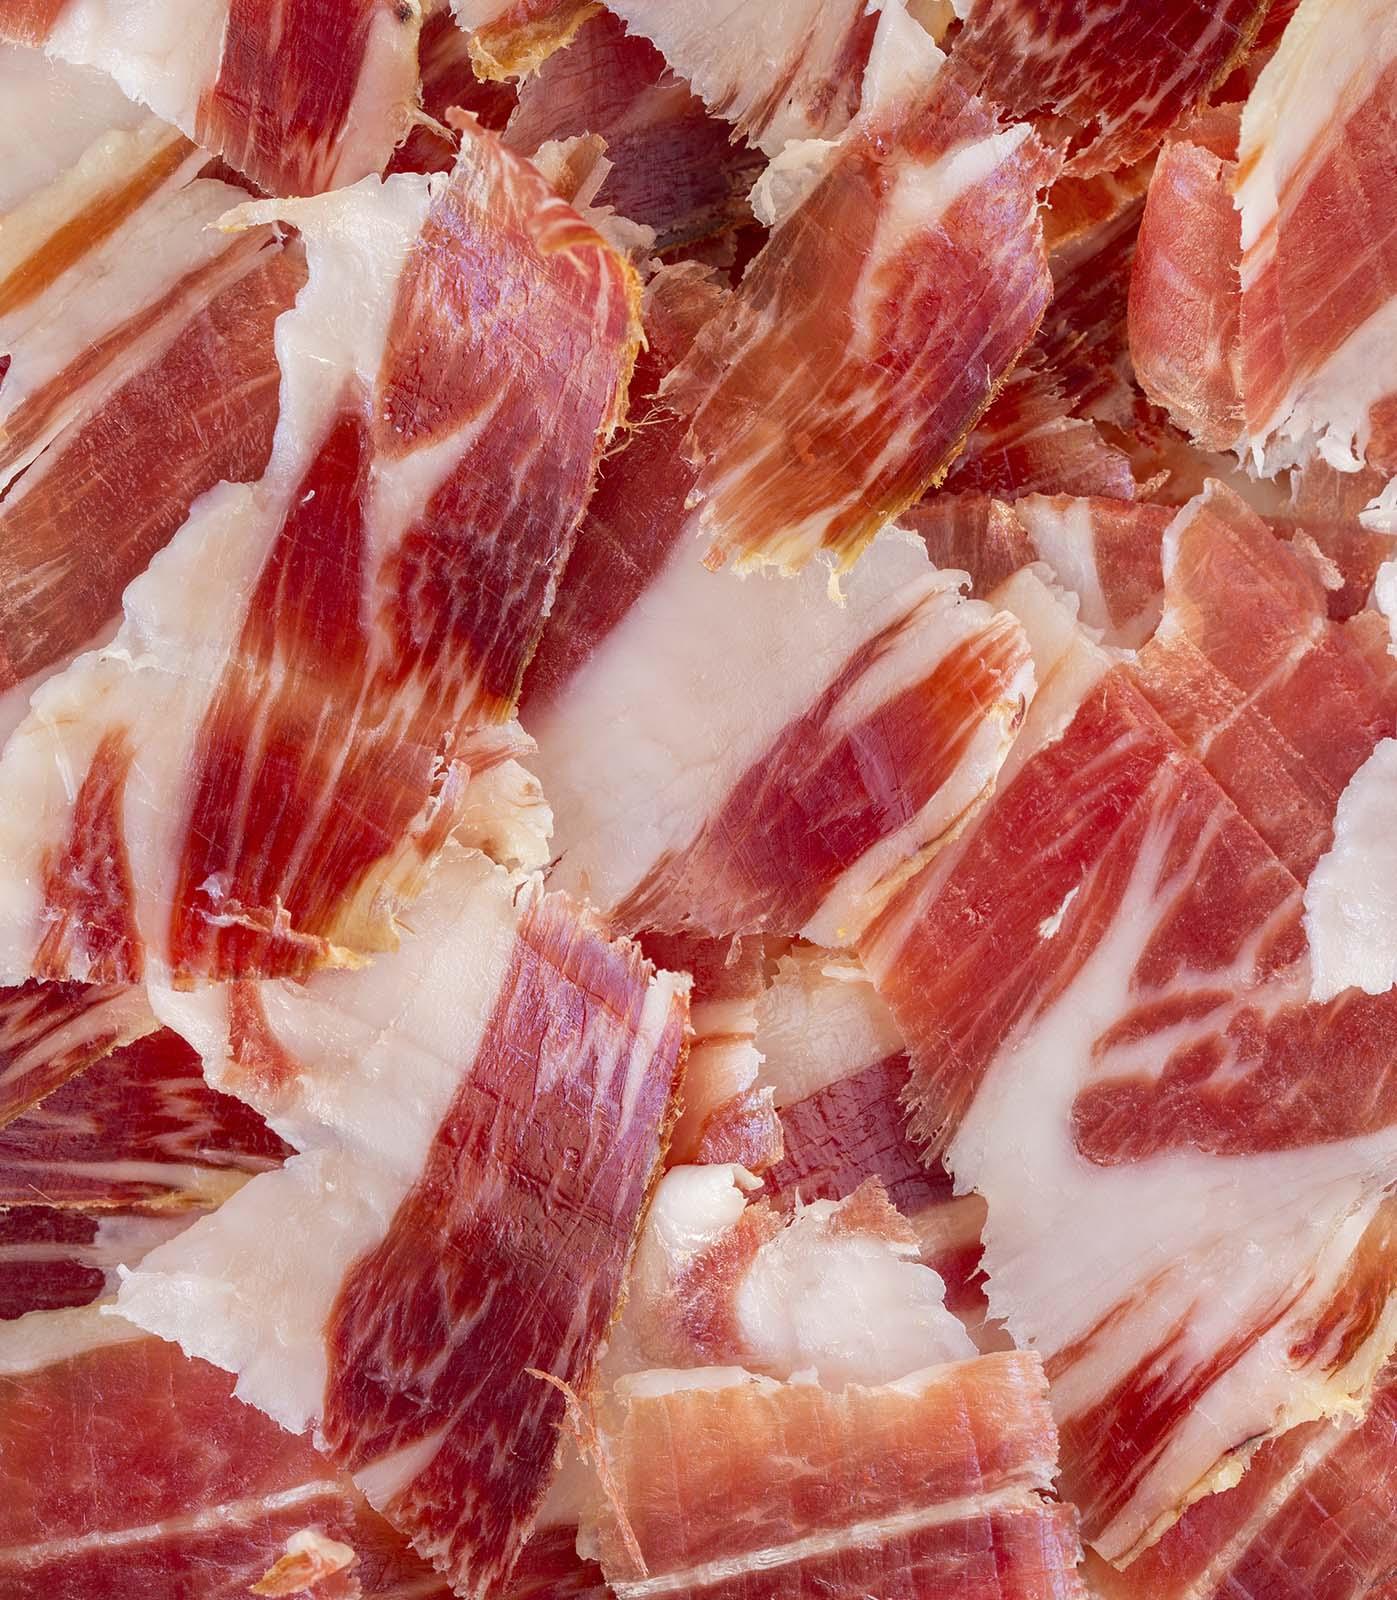 Jamón Ibérico (Carnicería María Dolores, Casares)